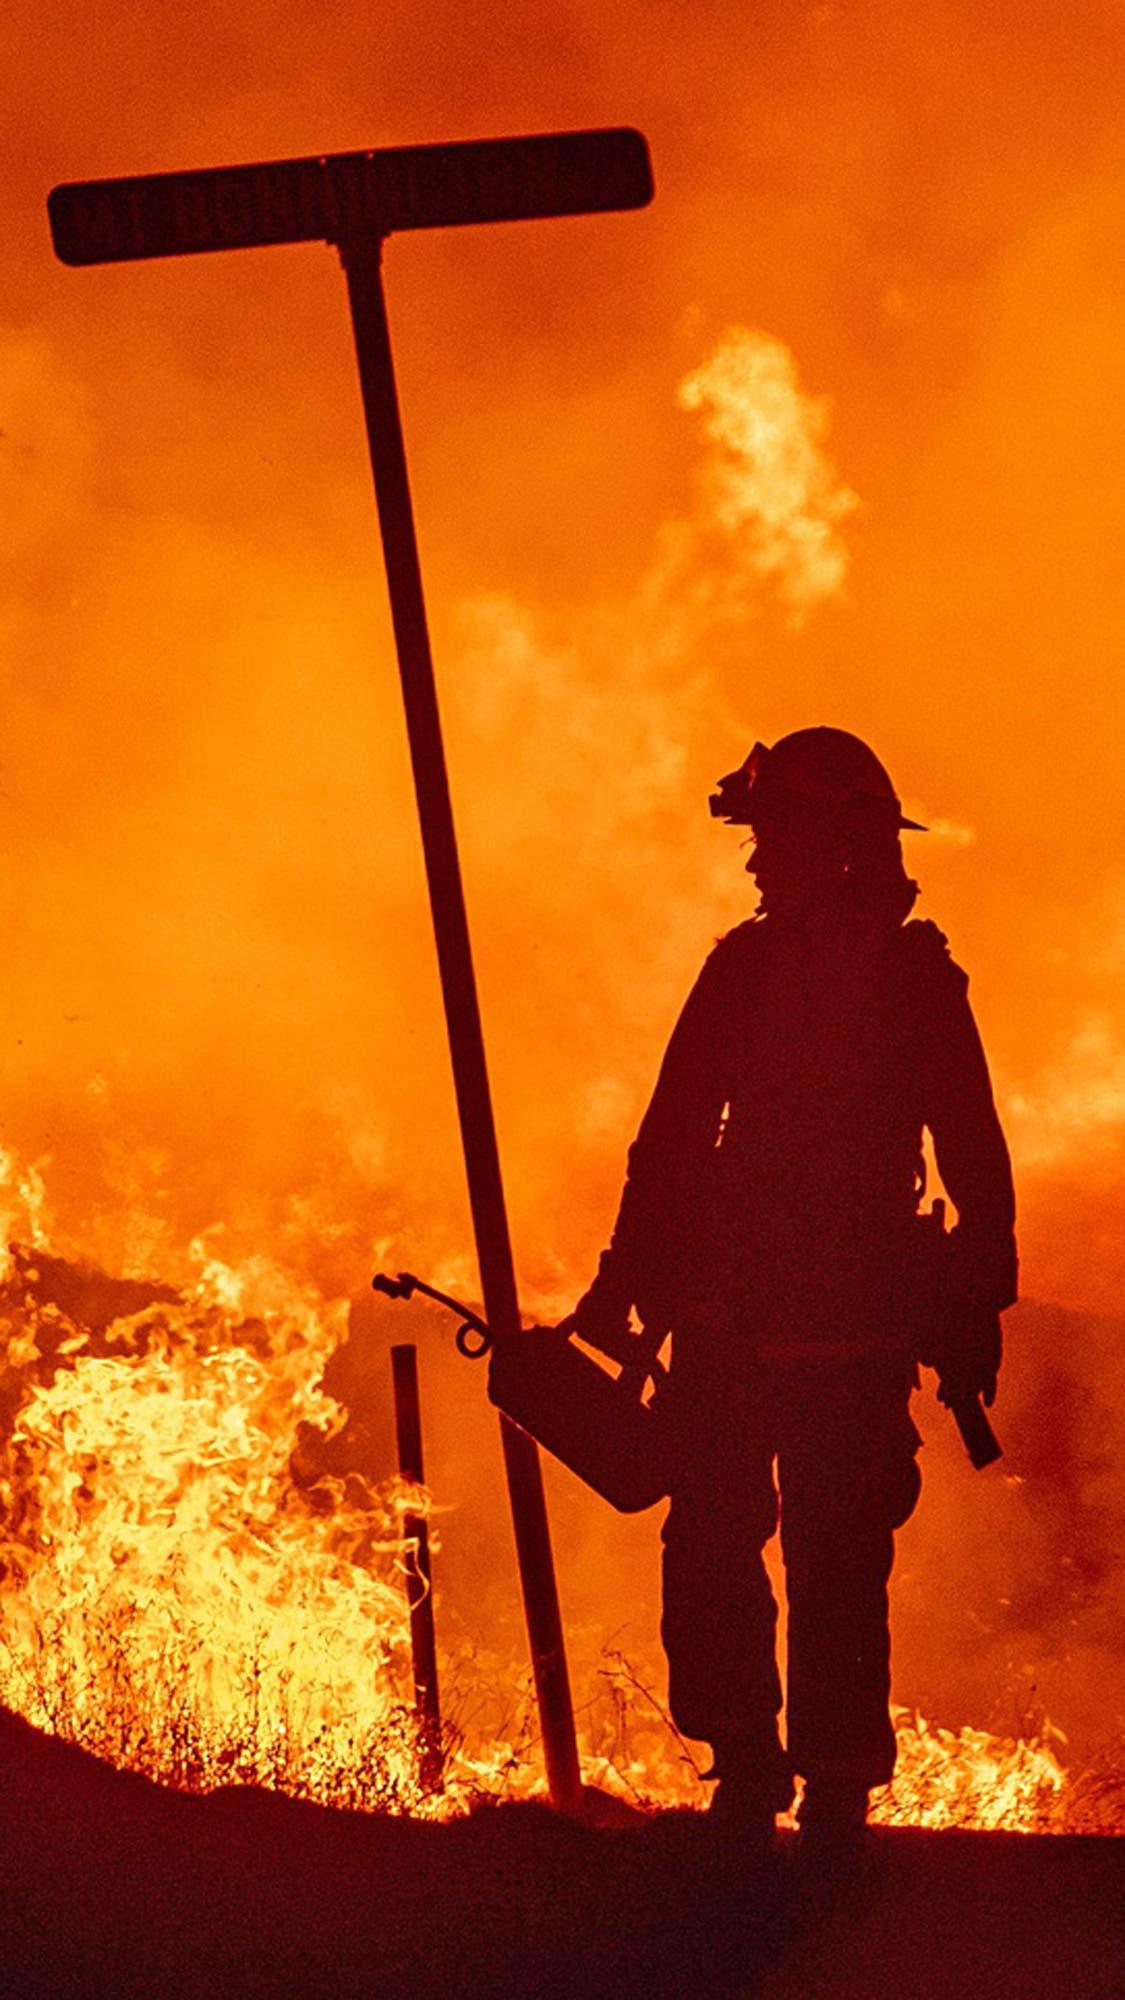 Las llamas arrasaron un pueblo de California: fotos más impactantes del desastre